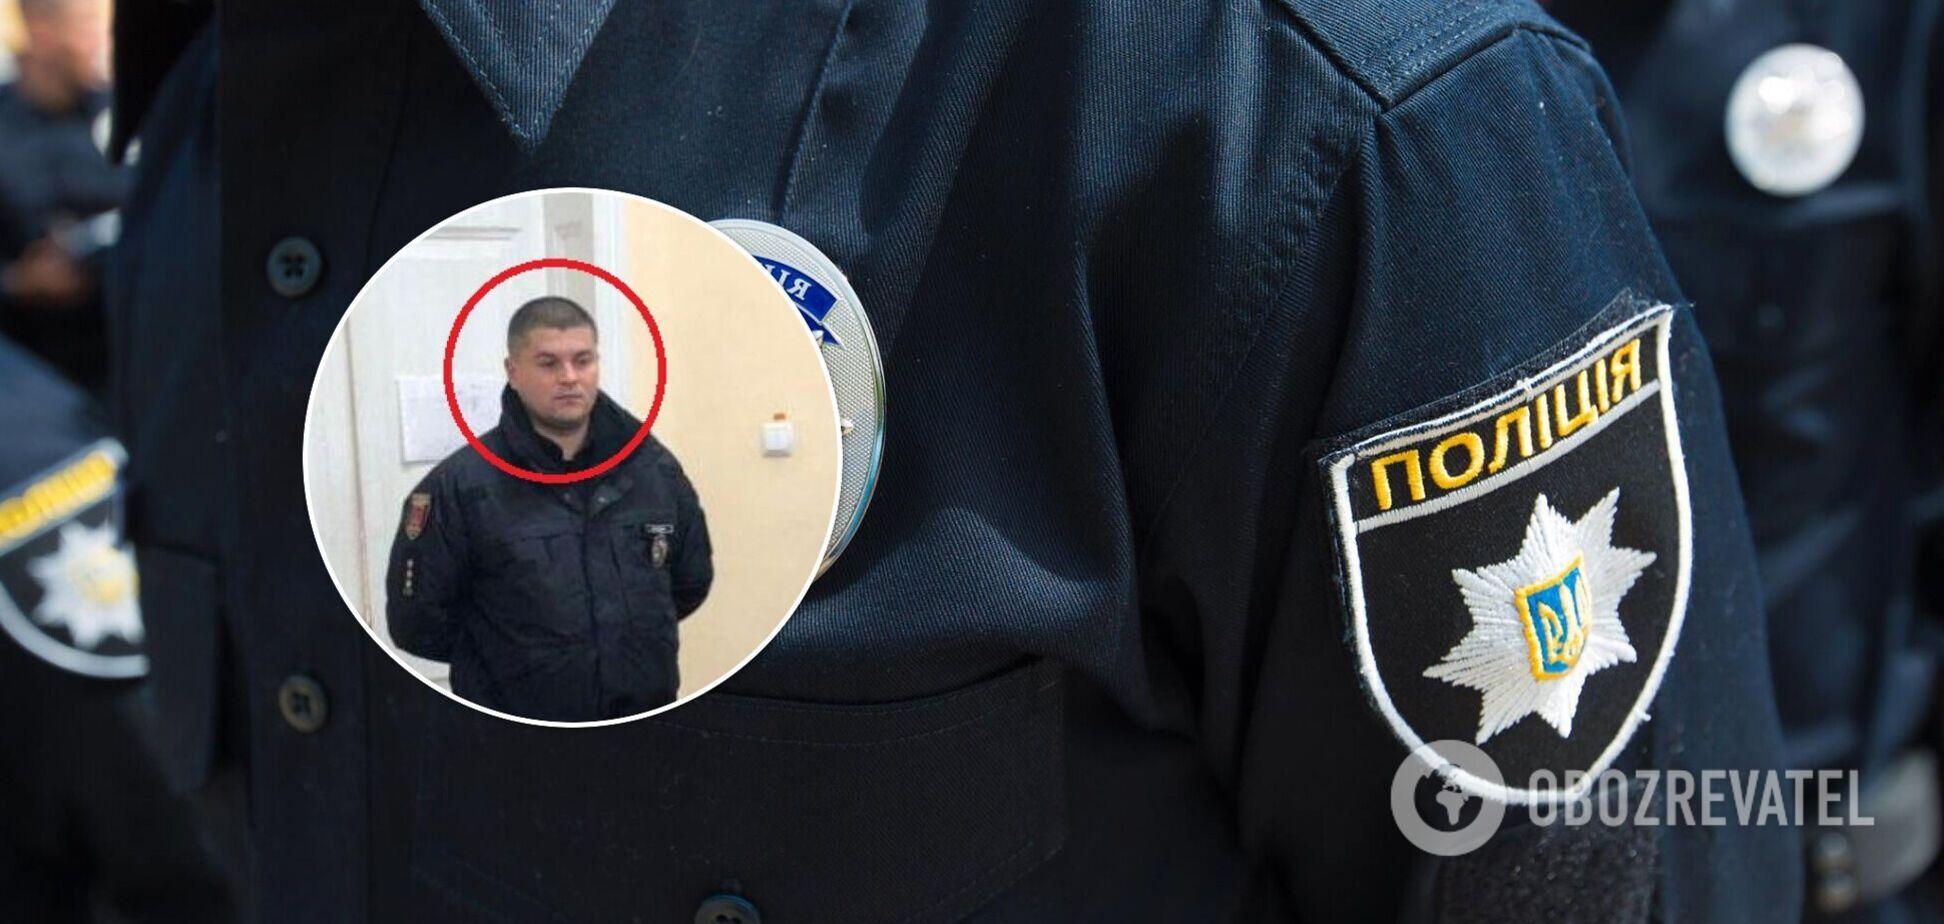 В Одеській області заступник начальника патрульної поліції позичив $300 тисяч у колег і зник, – ЗМІ